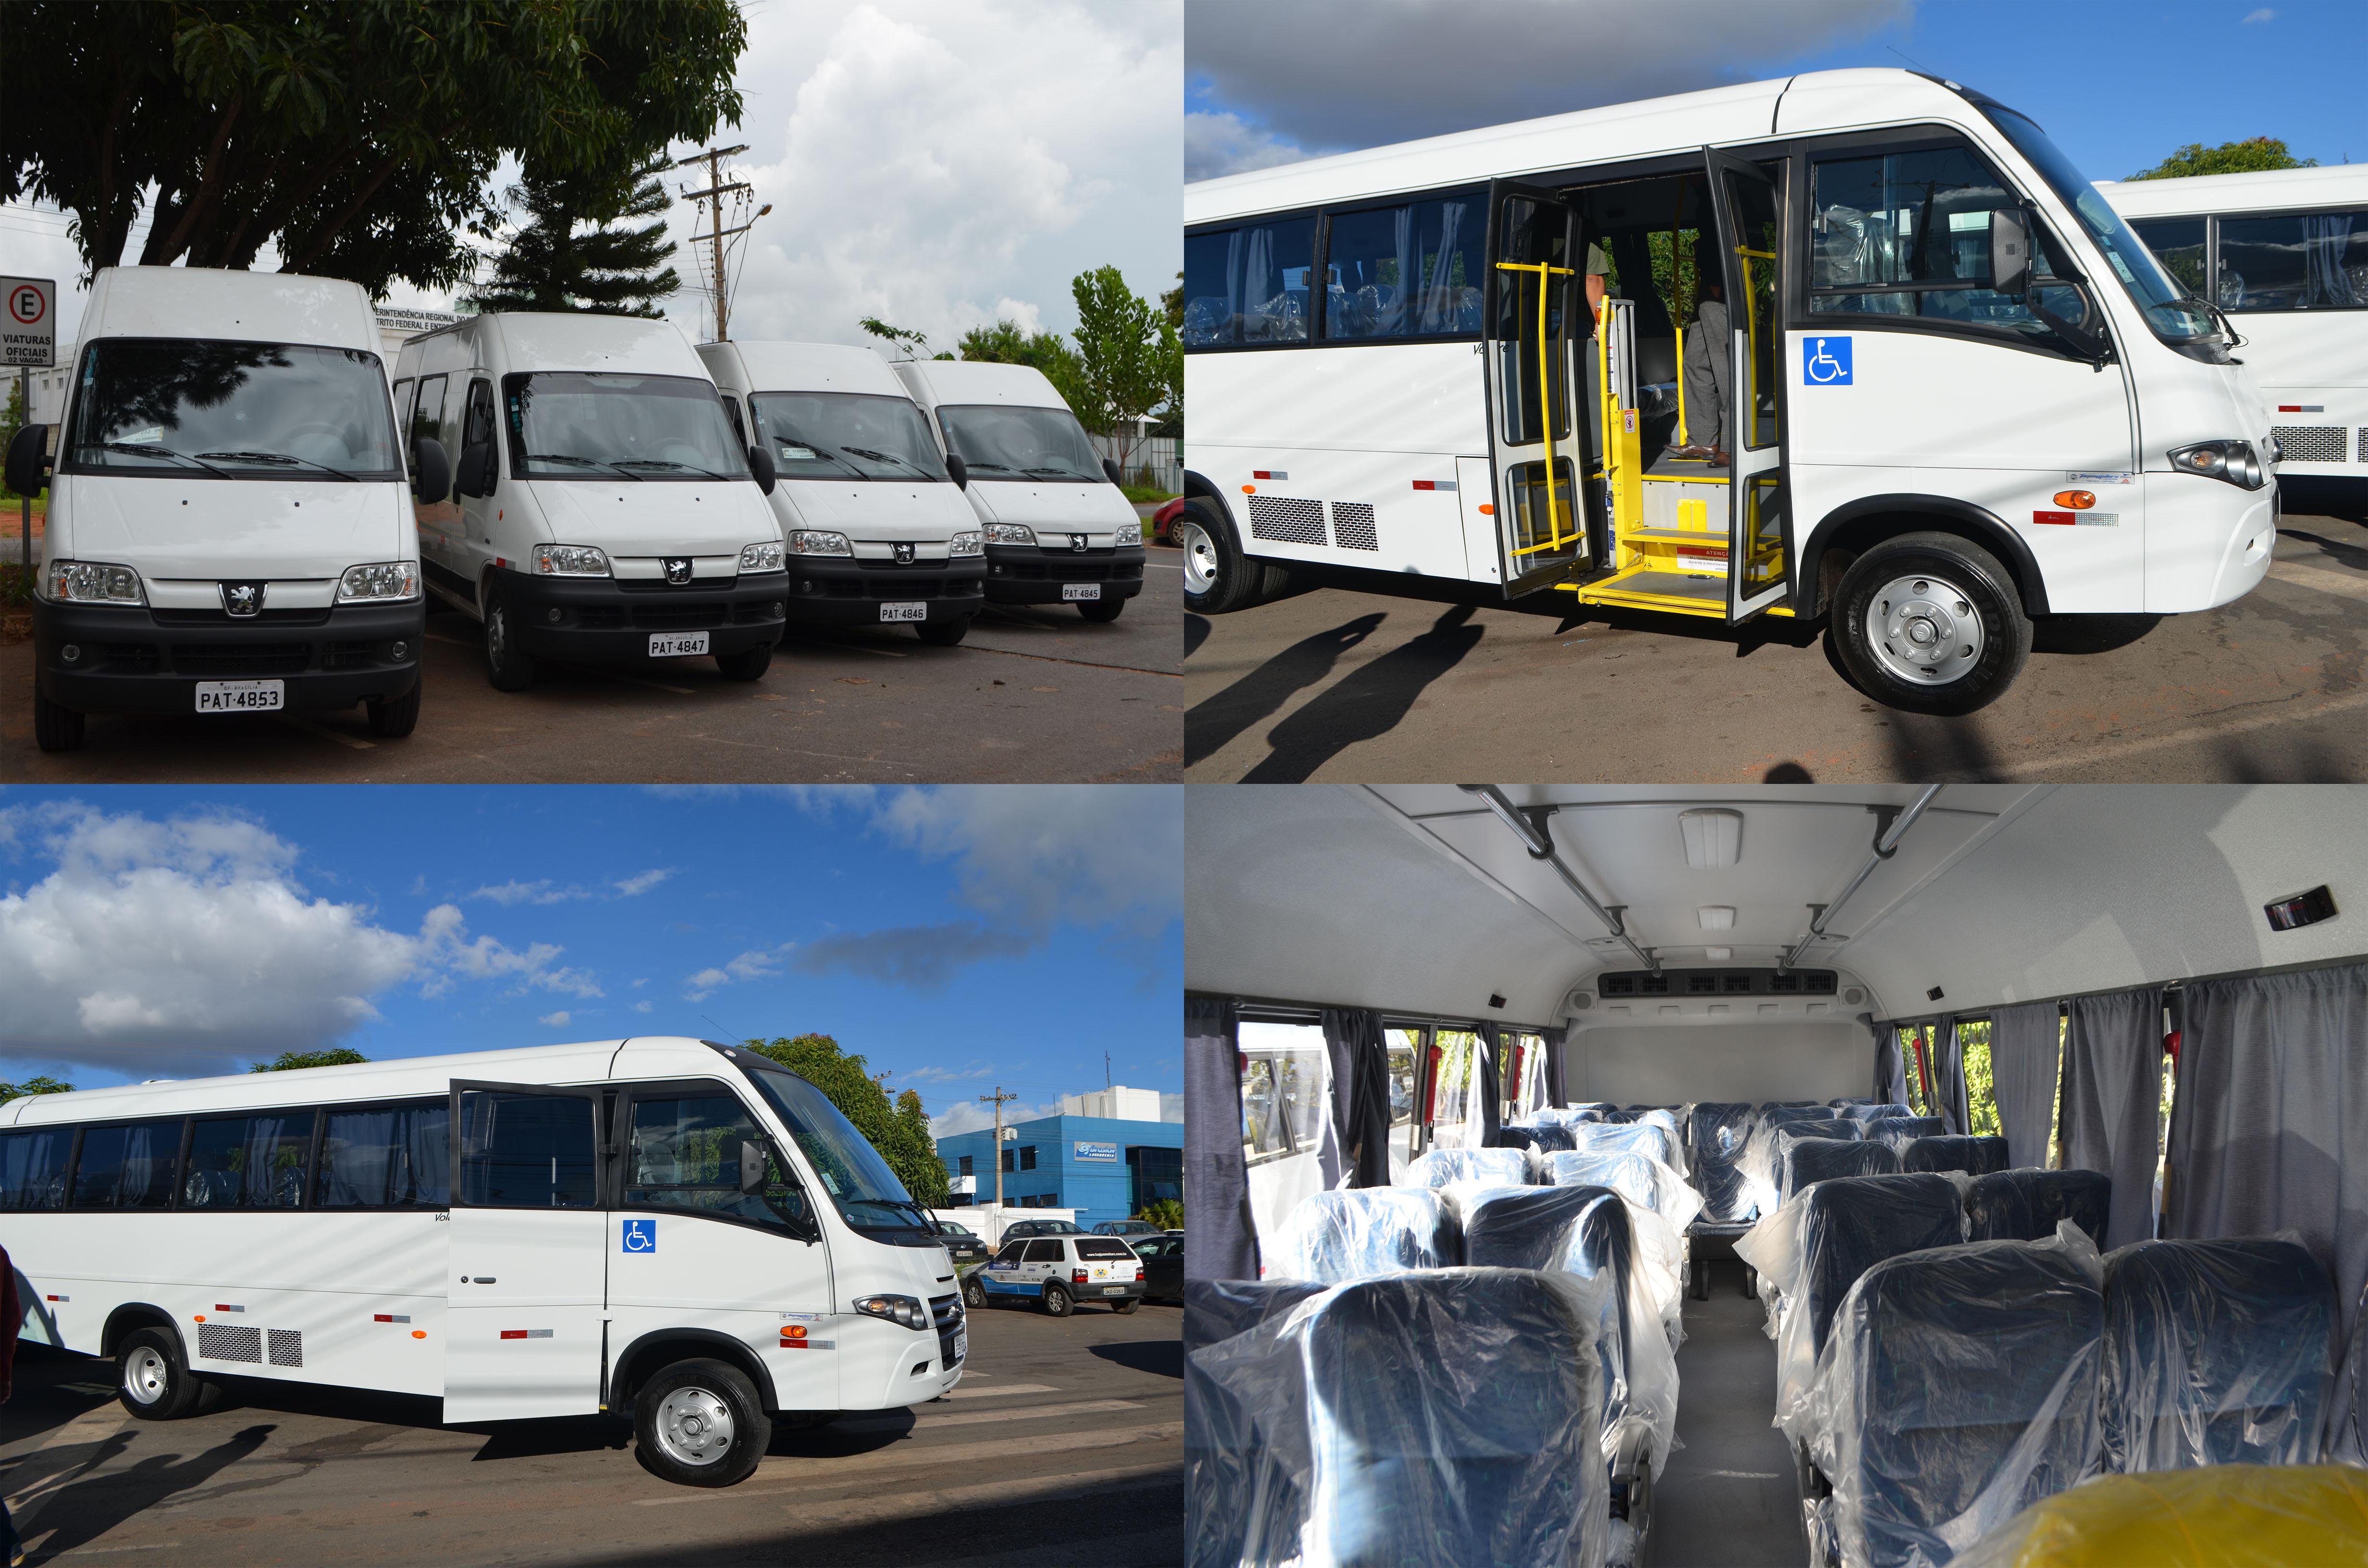 Adquiridos dois micro-ônibus e quatro vans para atender as unidades do Sistema Socioeducativo.